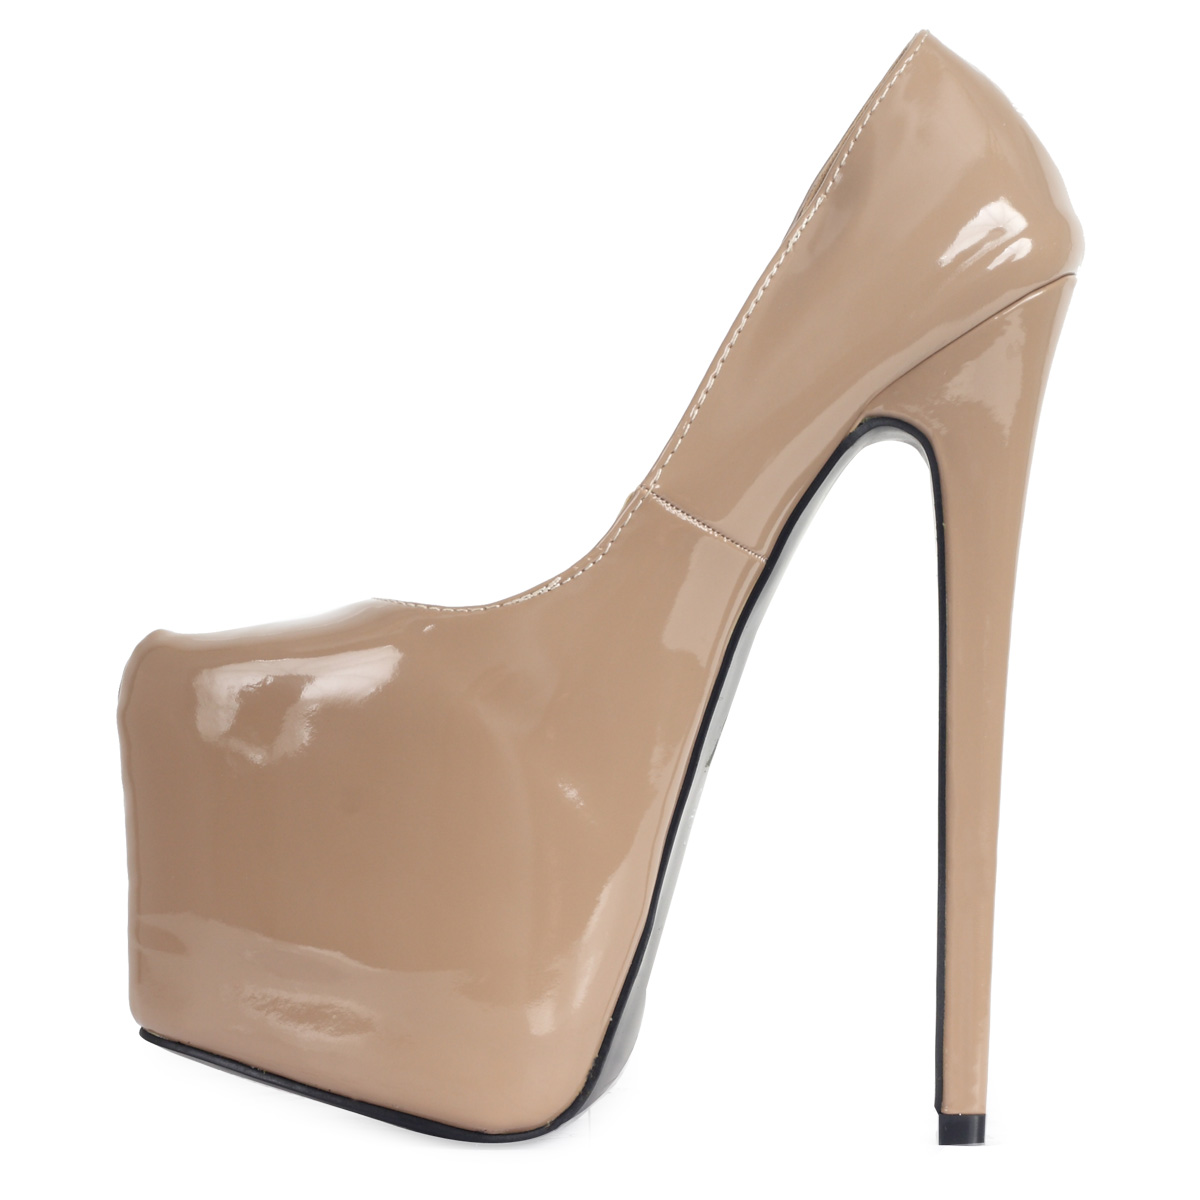 5 Inch Nude Heels | Tsaa Heel